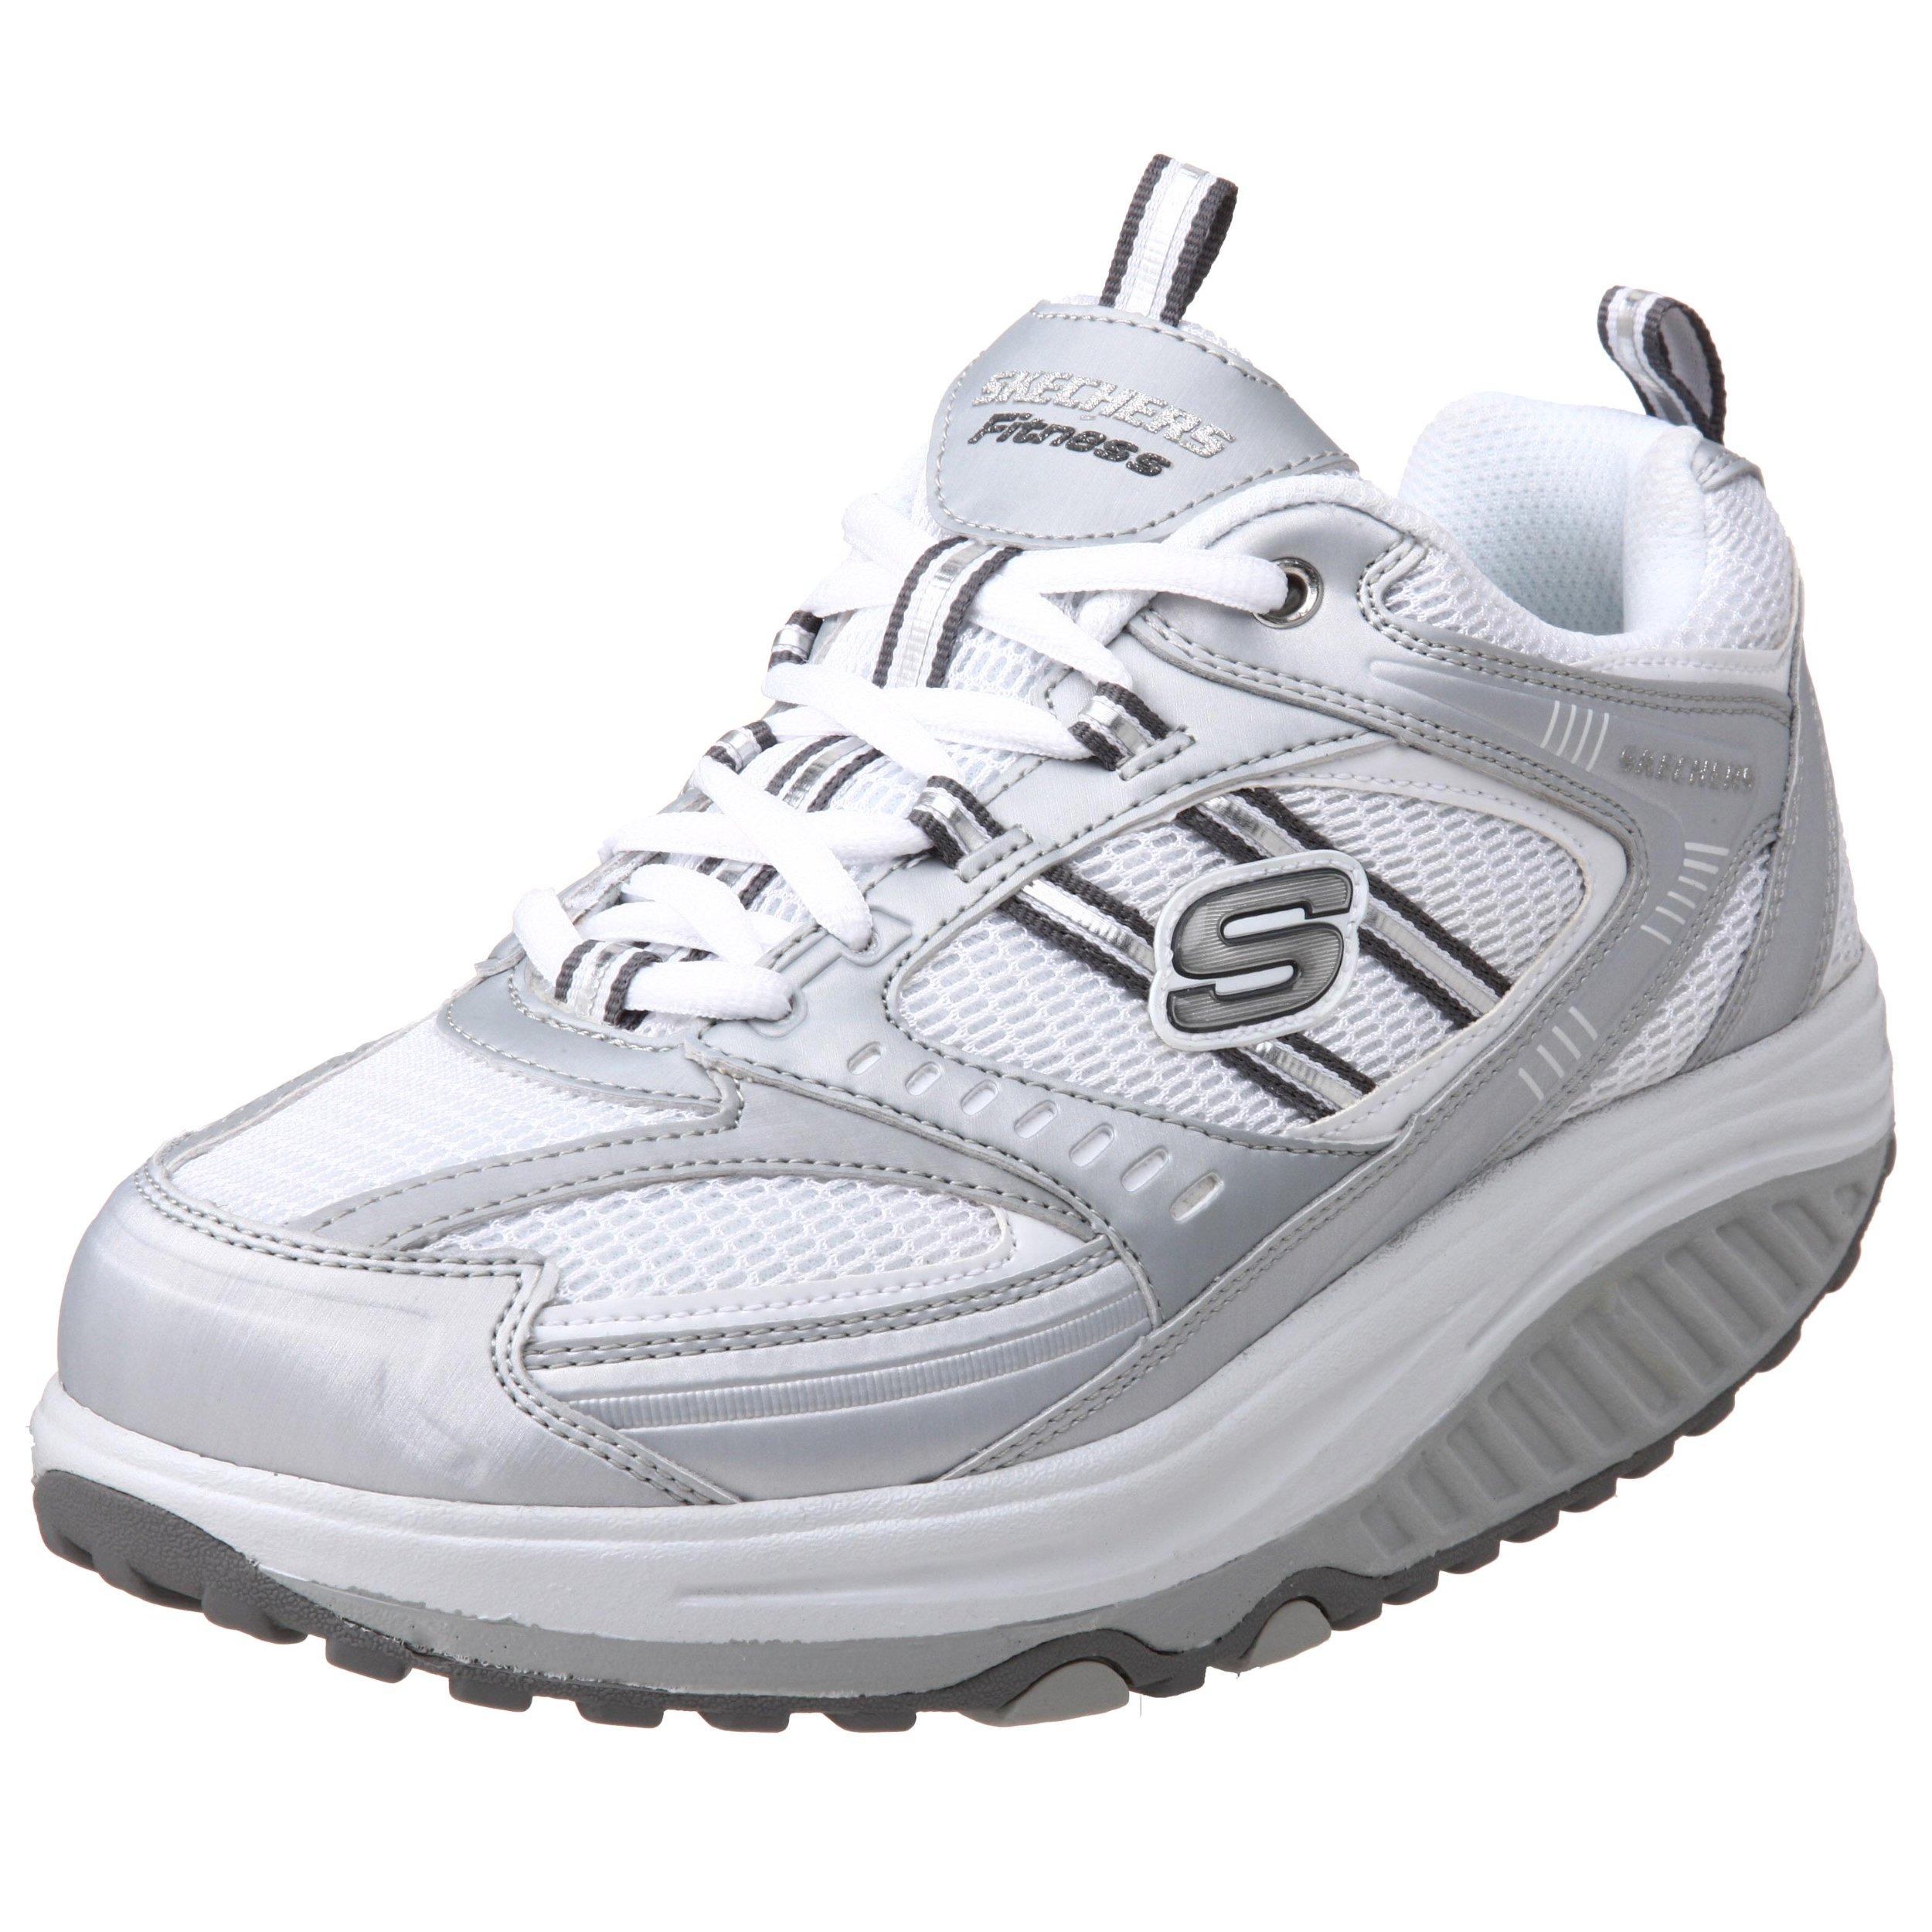 Skechers Women's Shape Ups Sneaker,Silver/White,9.5 M US